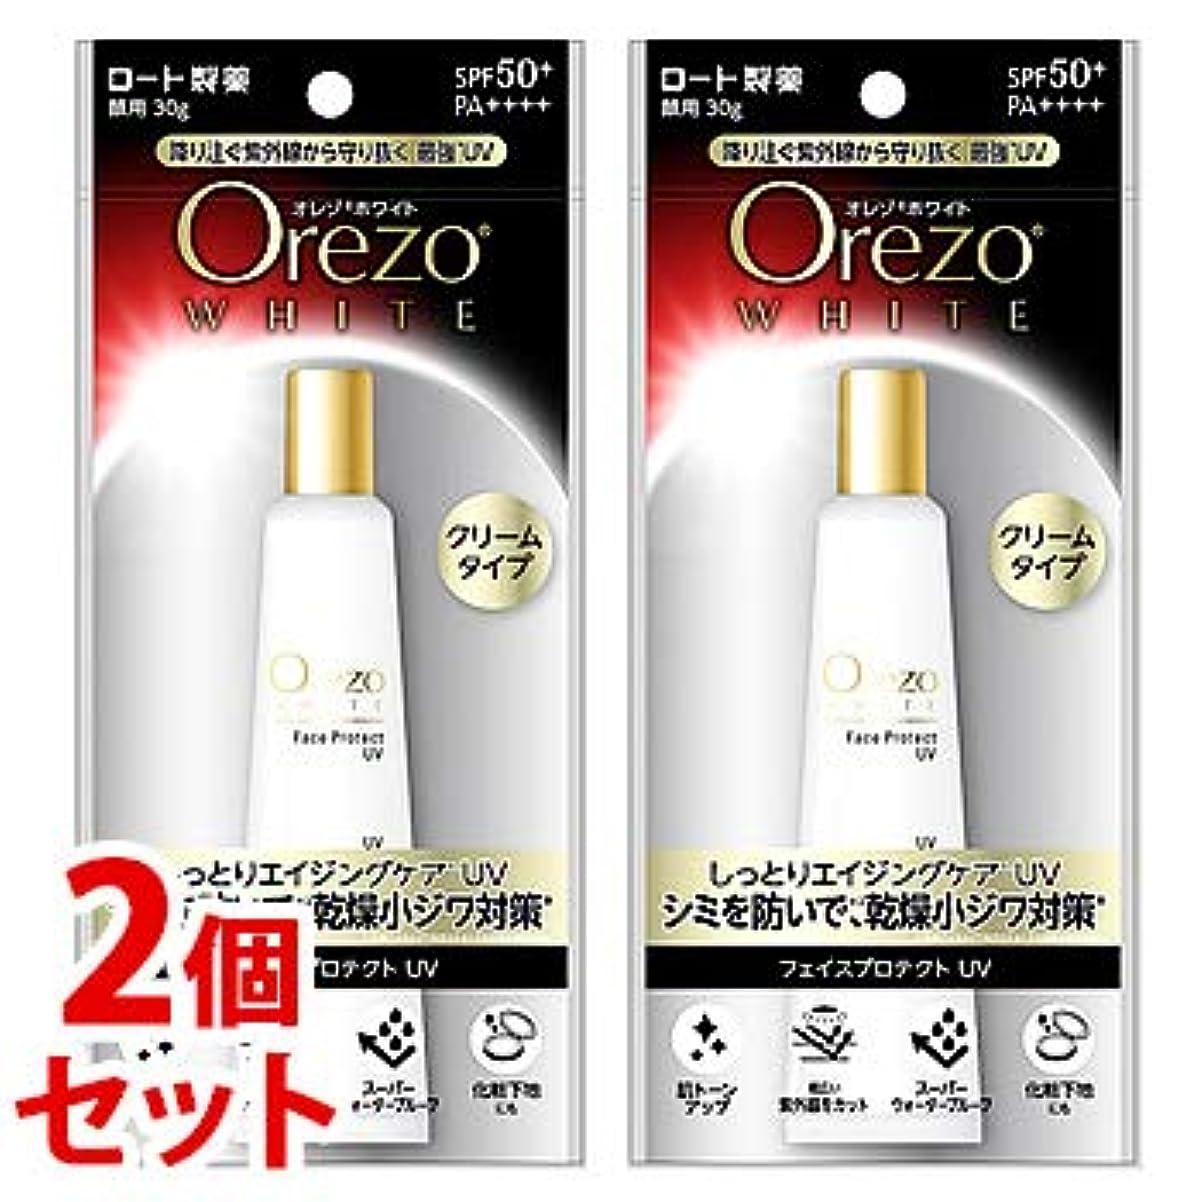 雑草ありふれたのど《セット販売》 ロート製薬 Orezo オレゾ ホワイト フェイスプロテクトUV SPF50+ PA++++ (30g)×2個セット 顔用 日やけ止め 化粧下地 クリームタイプ